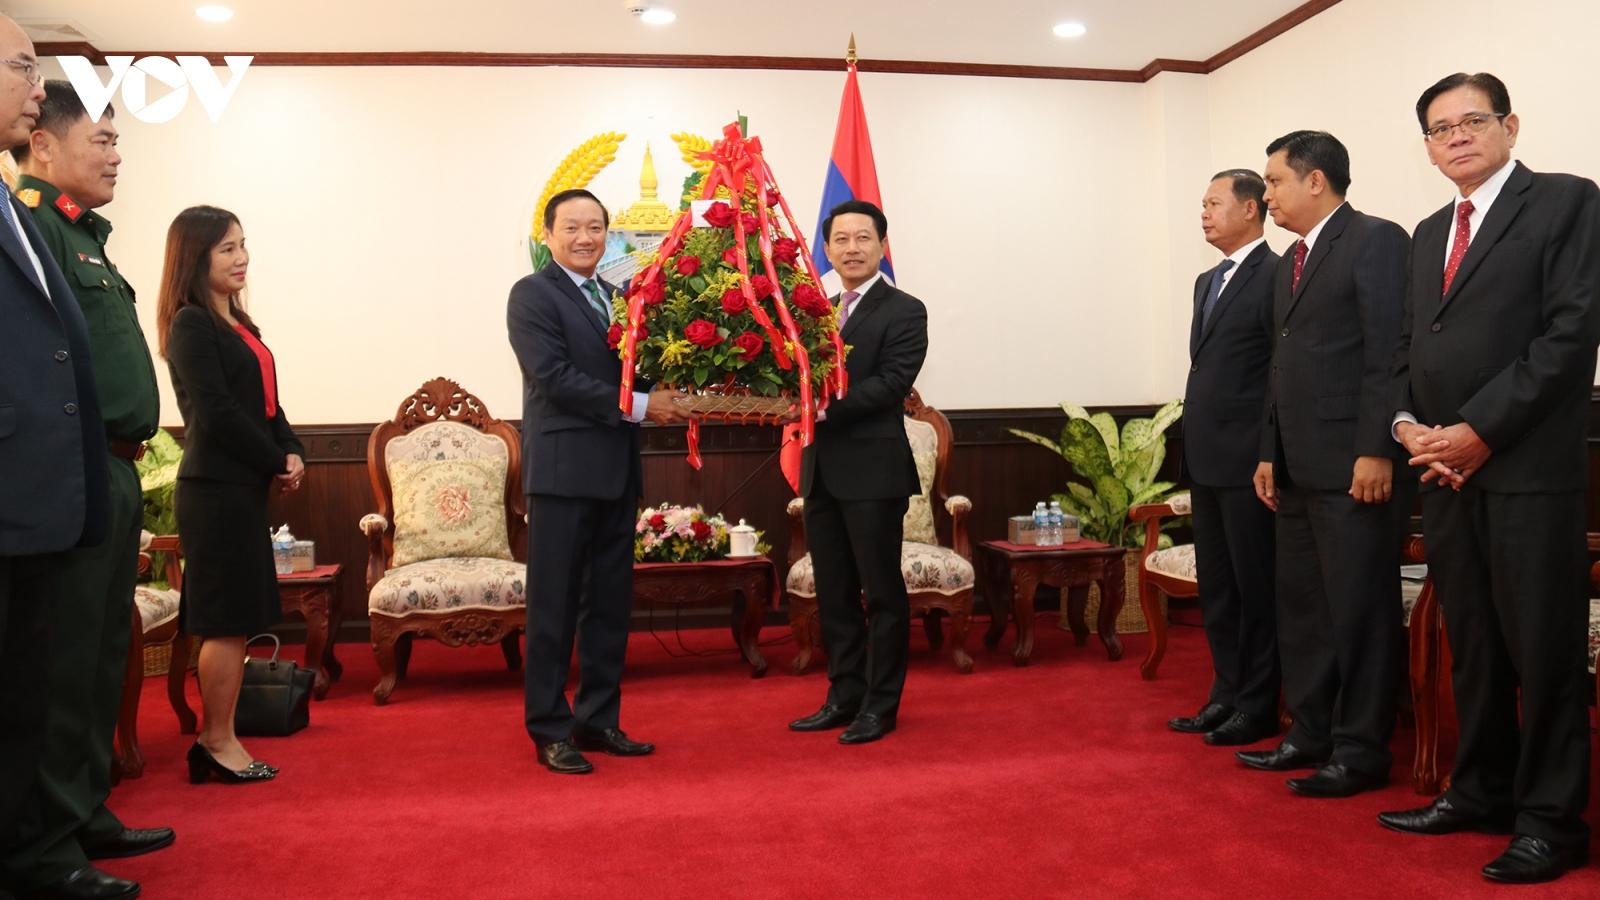 Đoàn đại biểu ĐSQ Việt Nam chúc mừng Quốc khánh Lào lần thứ 45